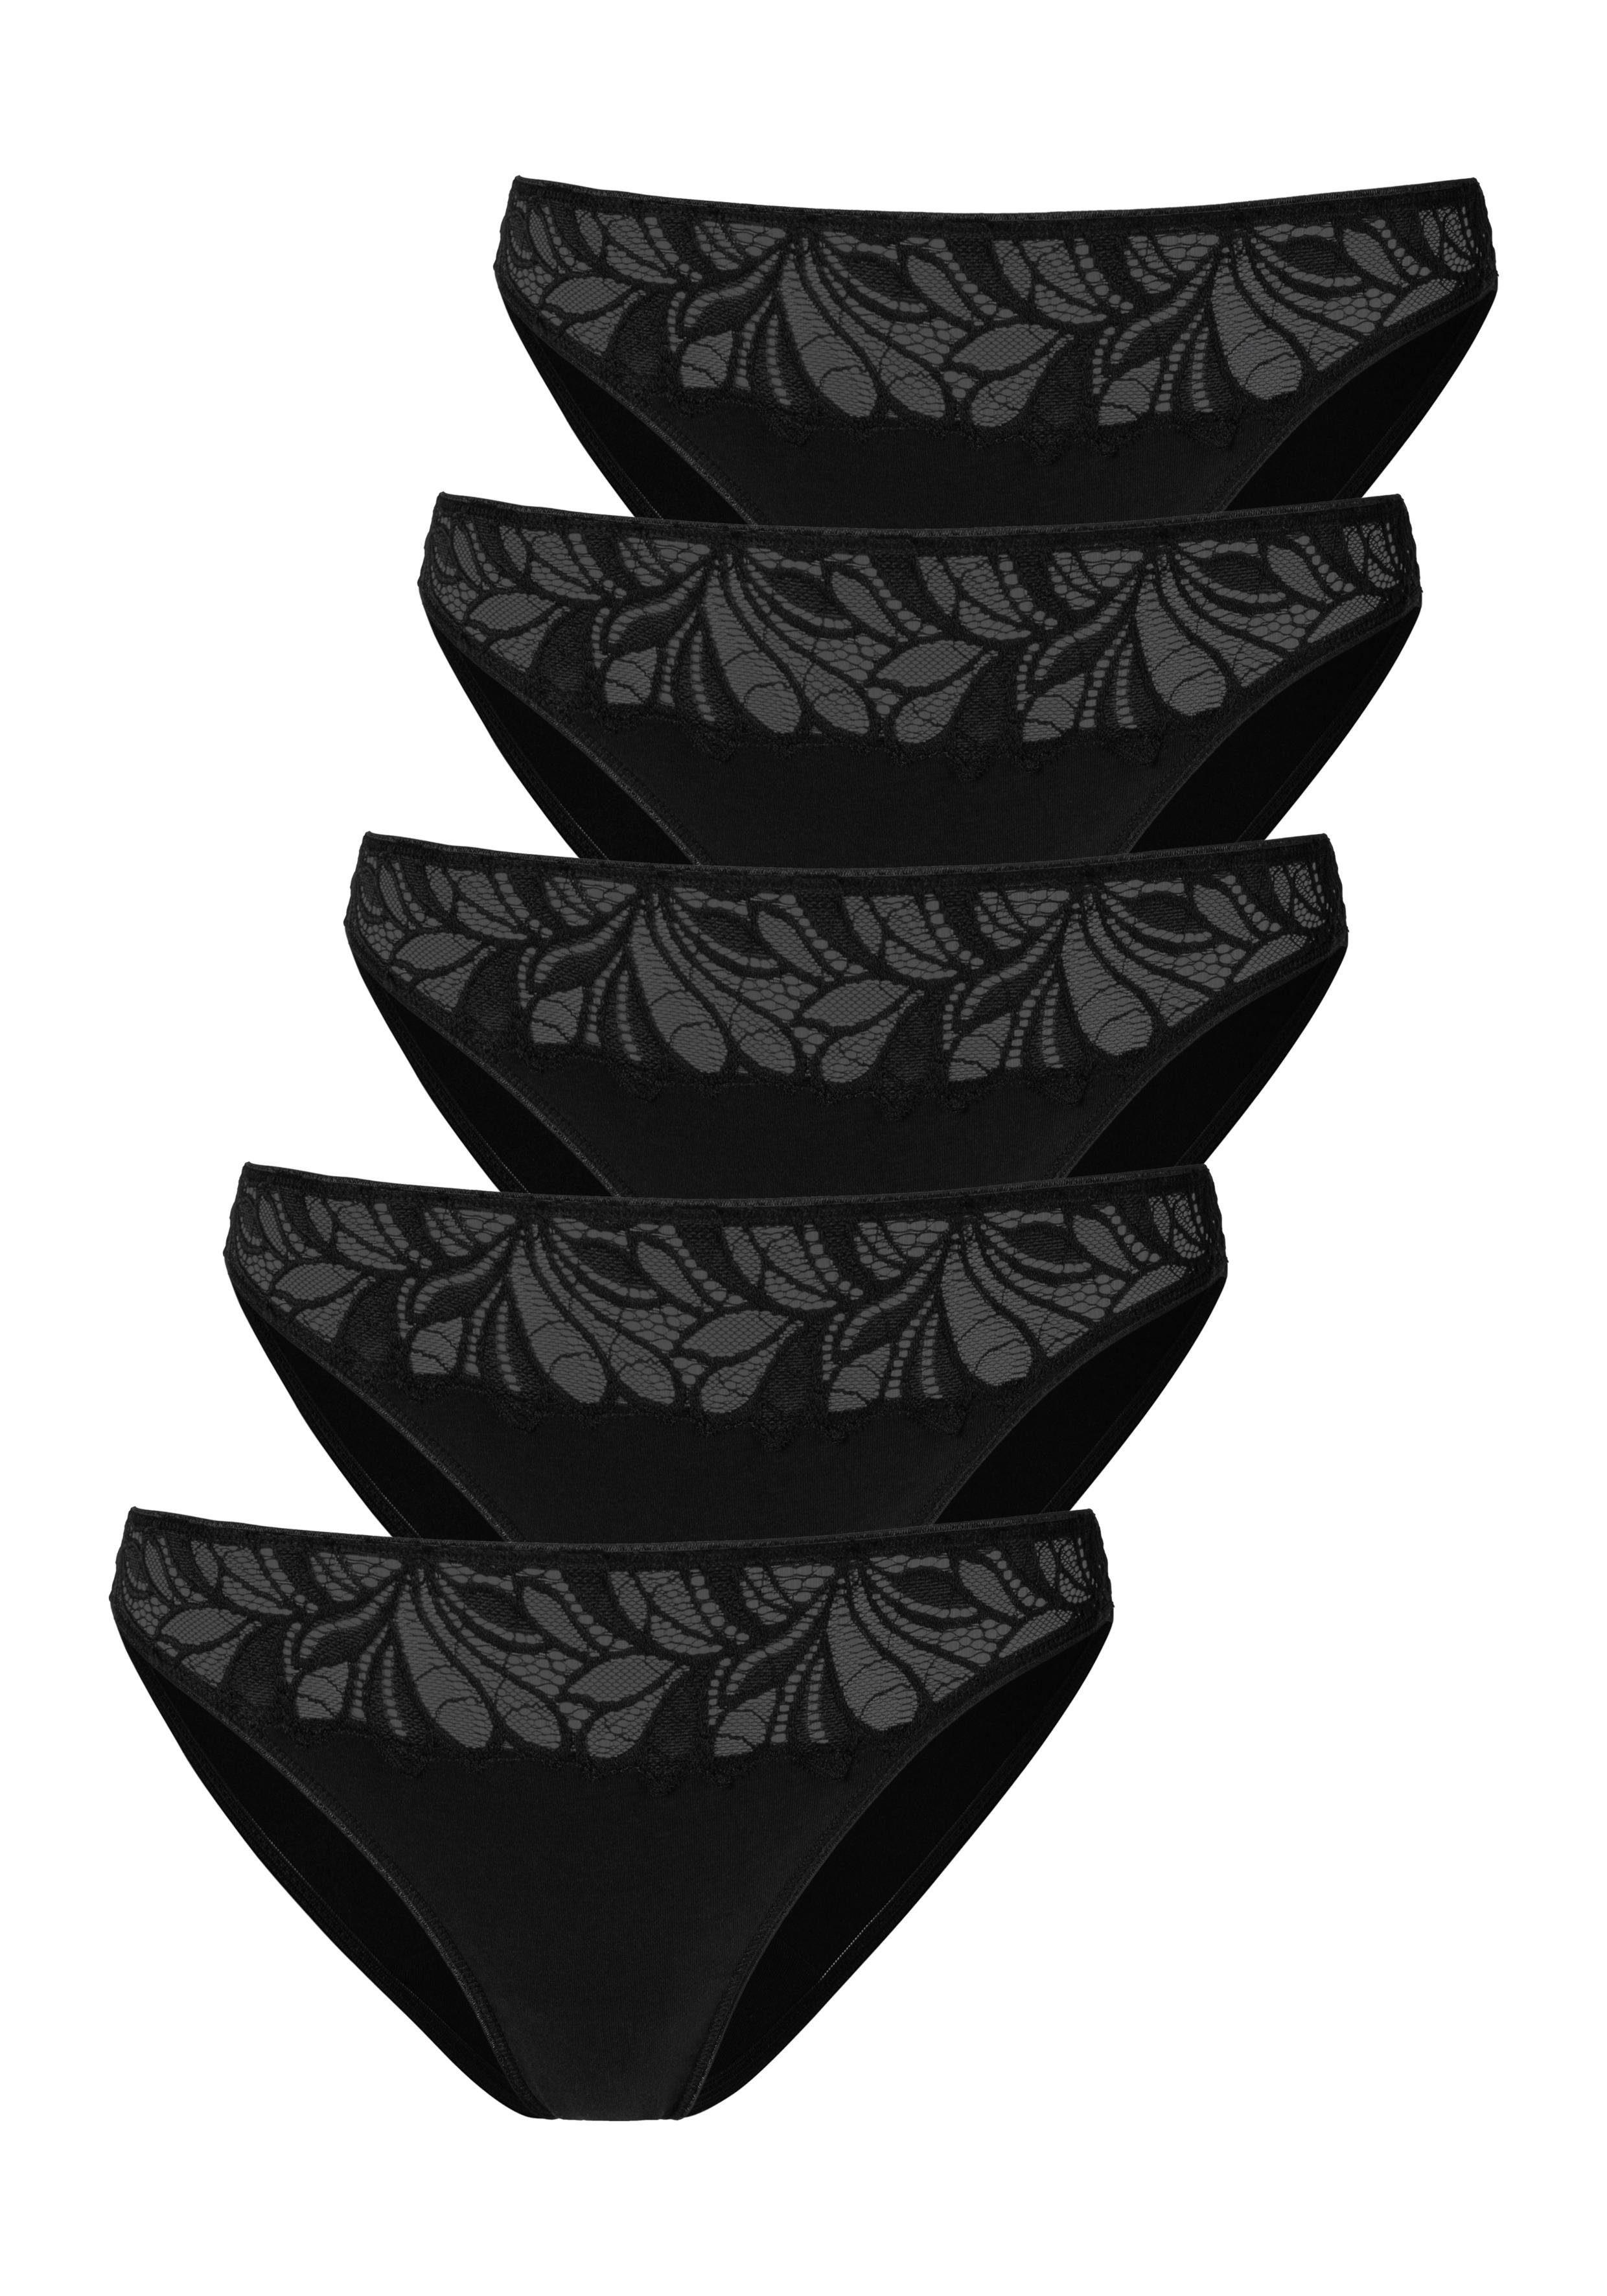 Vivance Bikinislip (5 Stück)